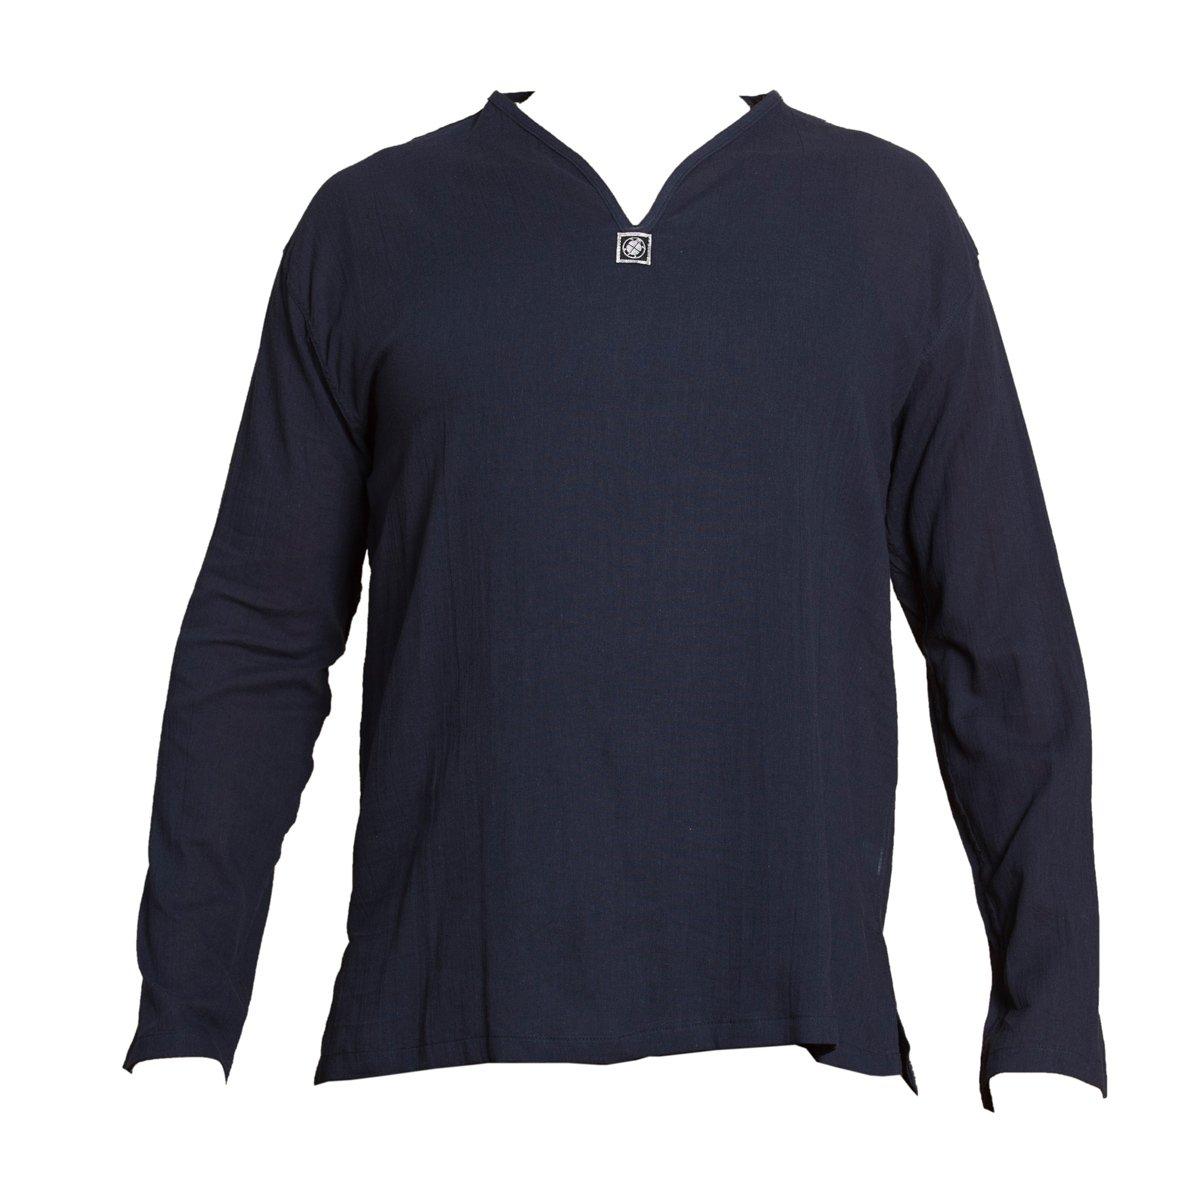 Panasiam/® camicia estiva in 100/% puro cotone naturale piacevolmente morbido